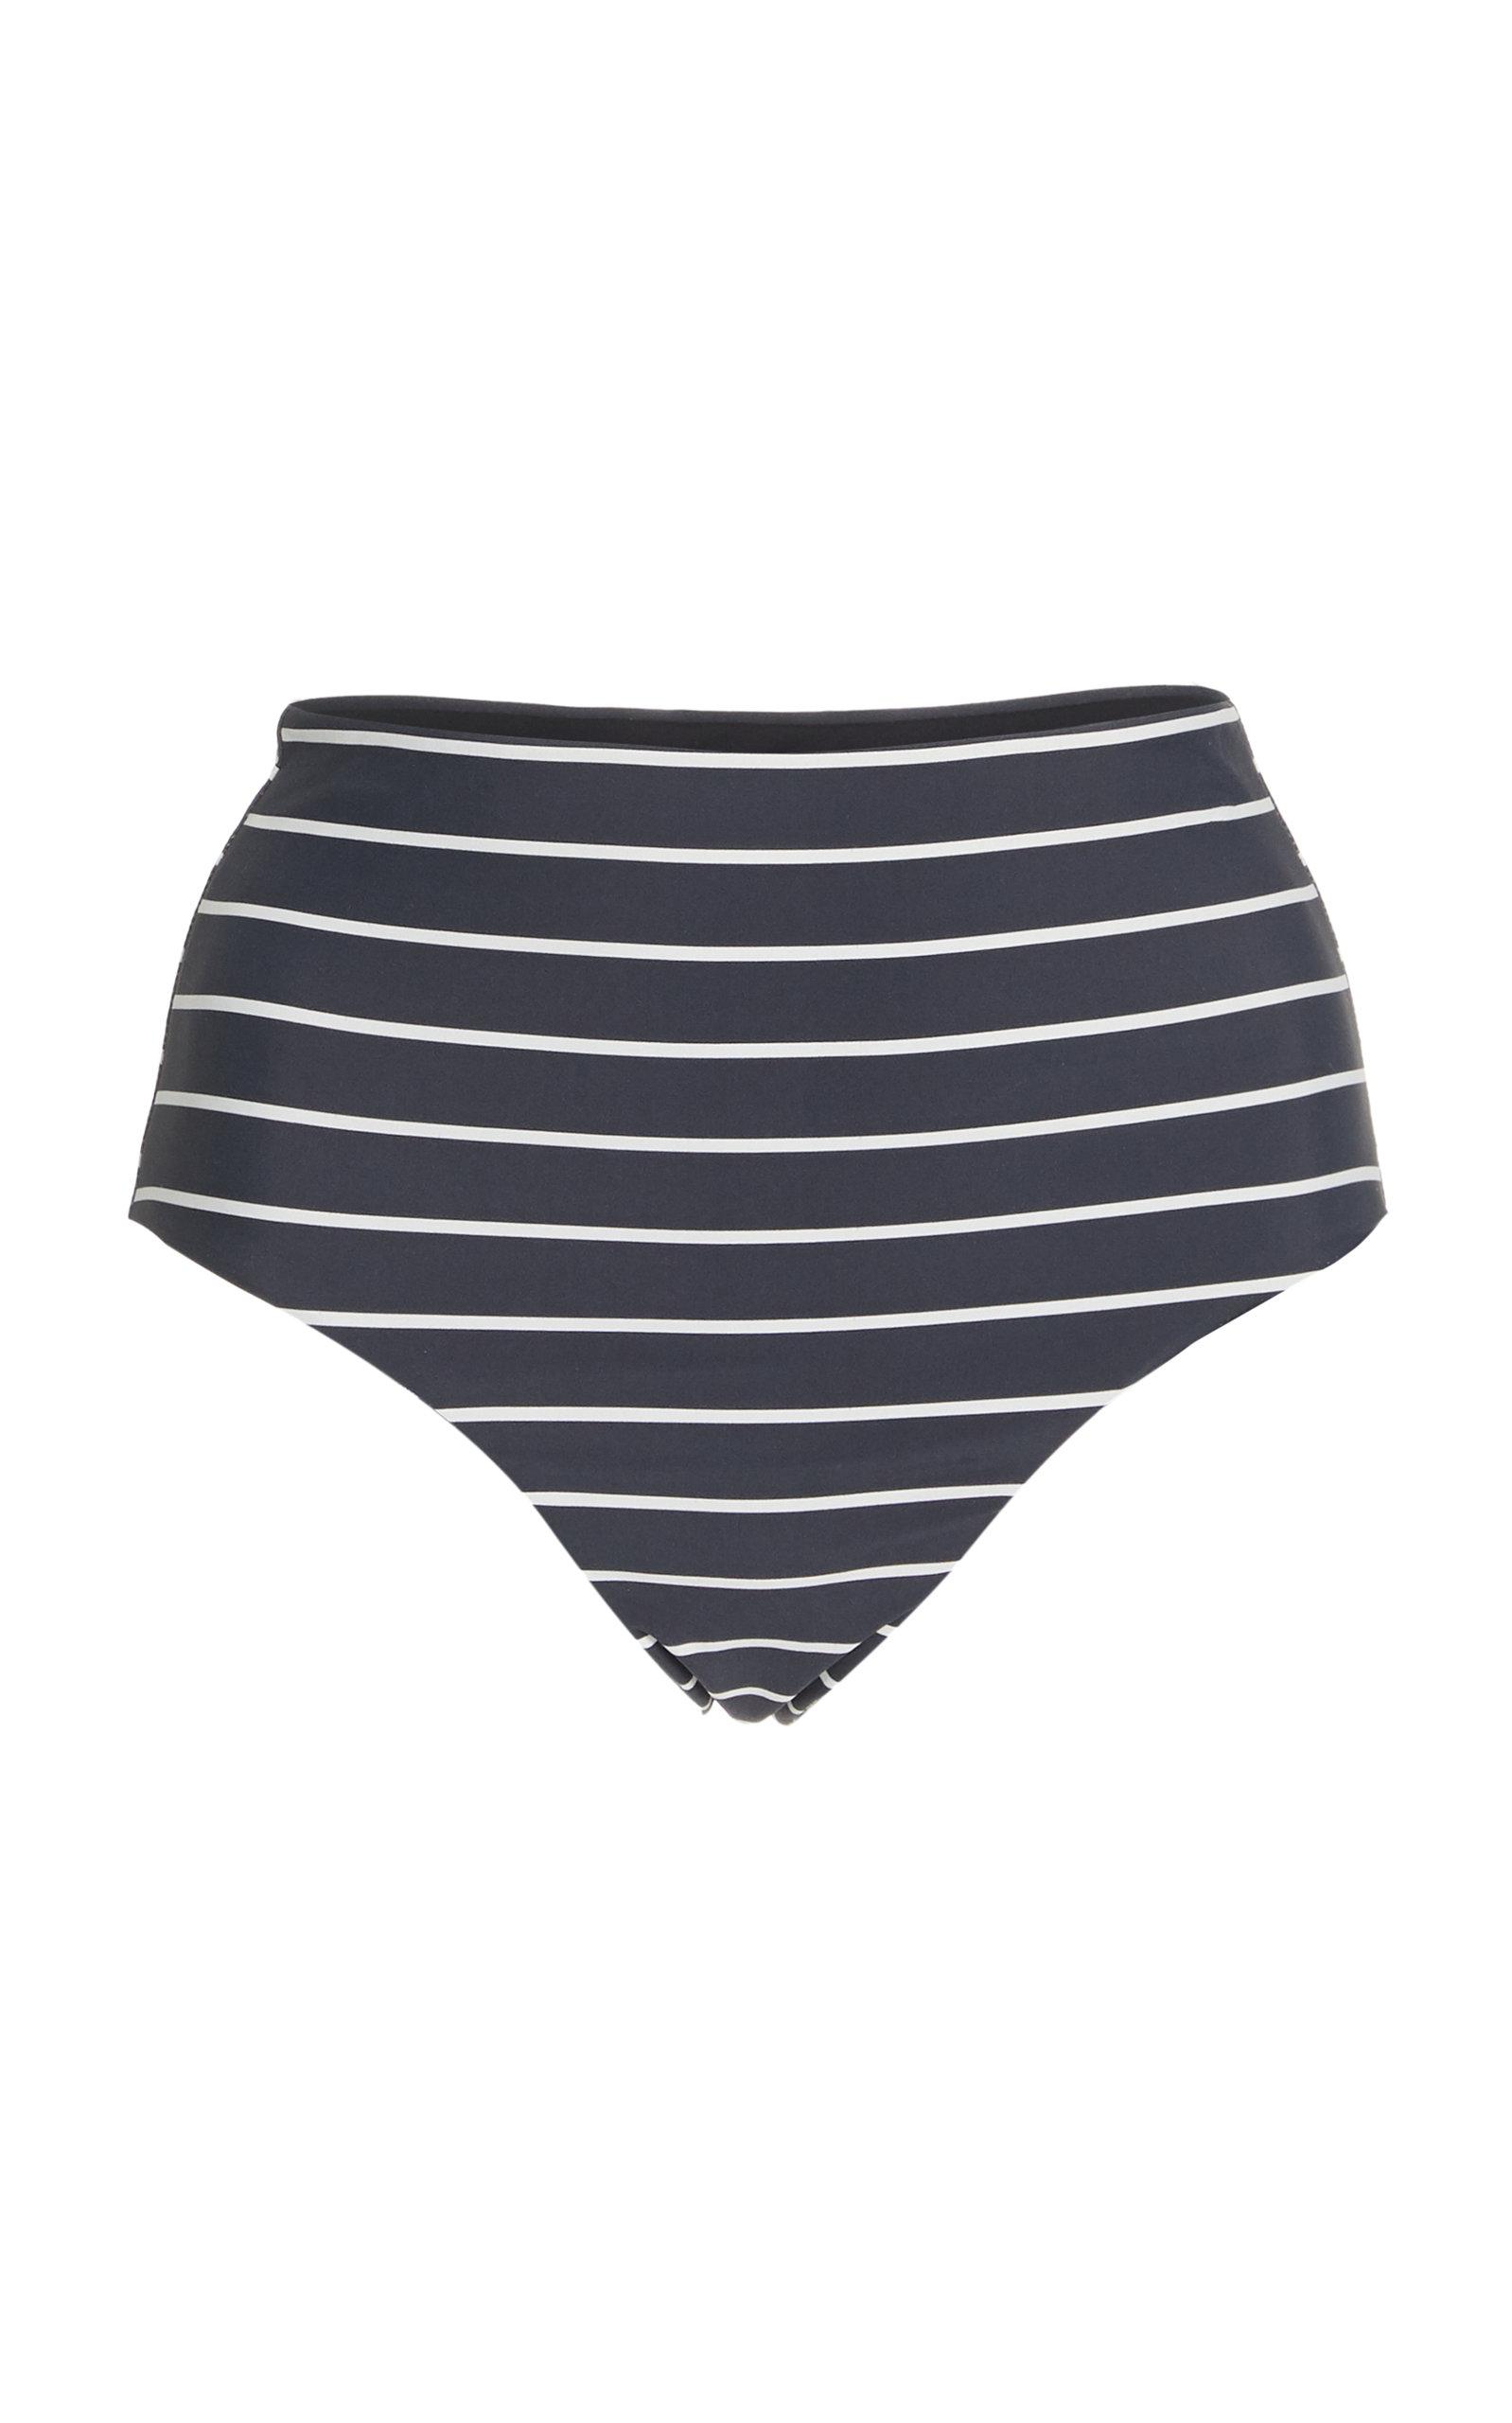 Women's The High-Waist Cheeky Bikini Bottom